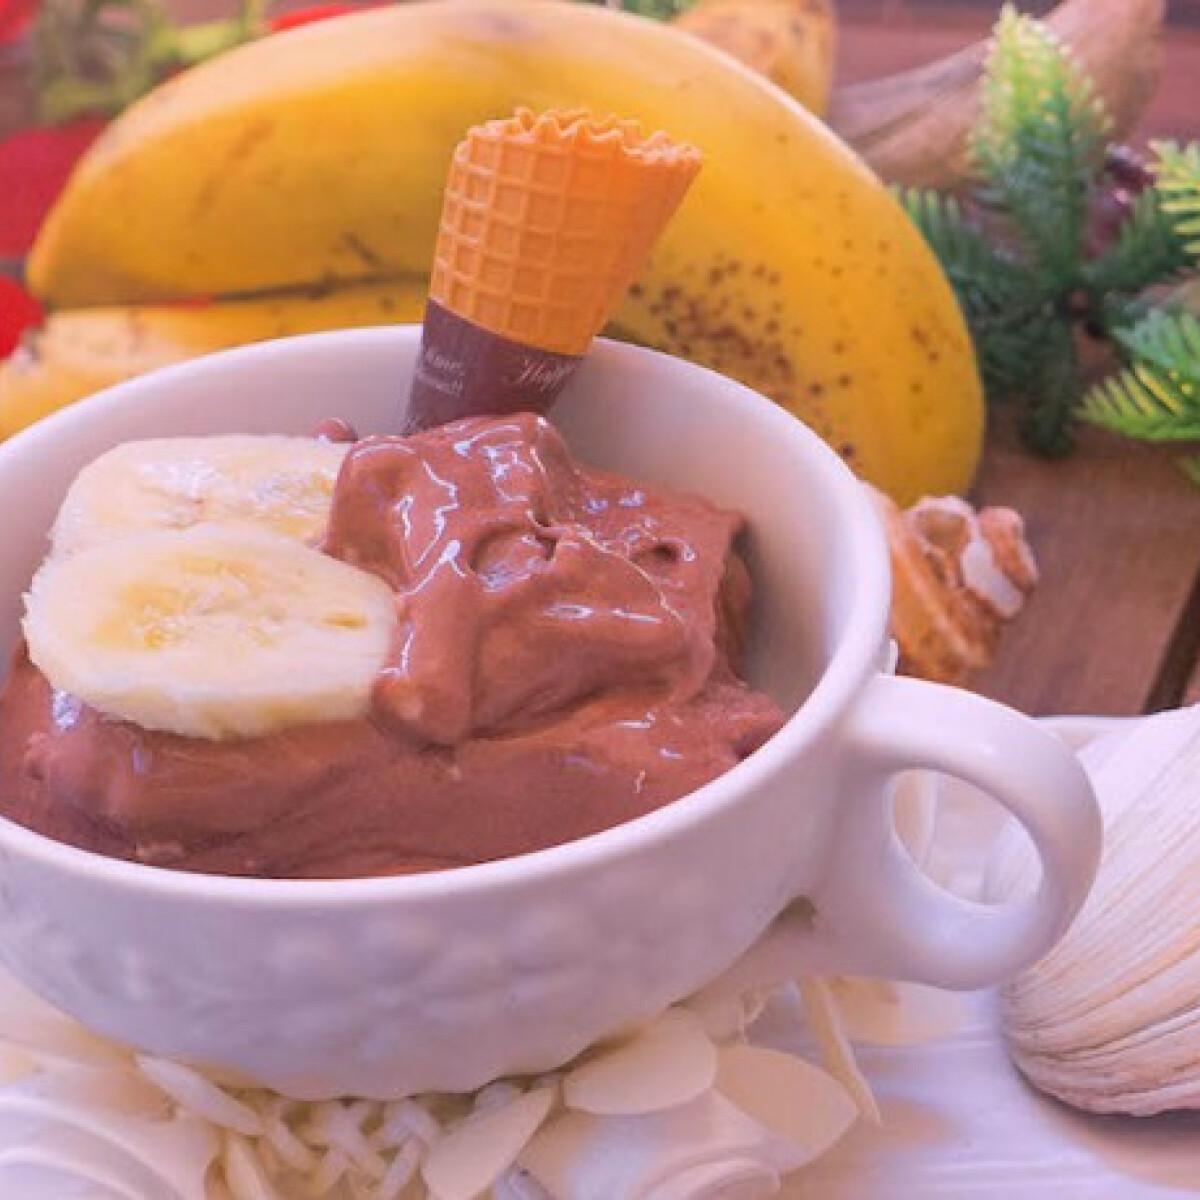 Kókuszos-csokis banánfagylalt